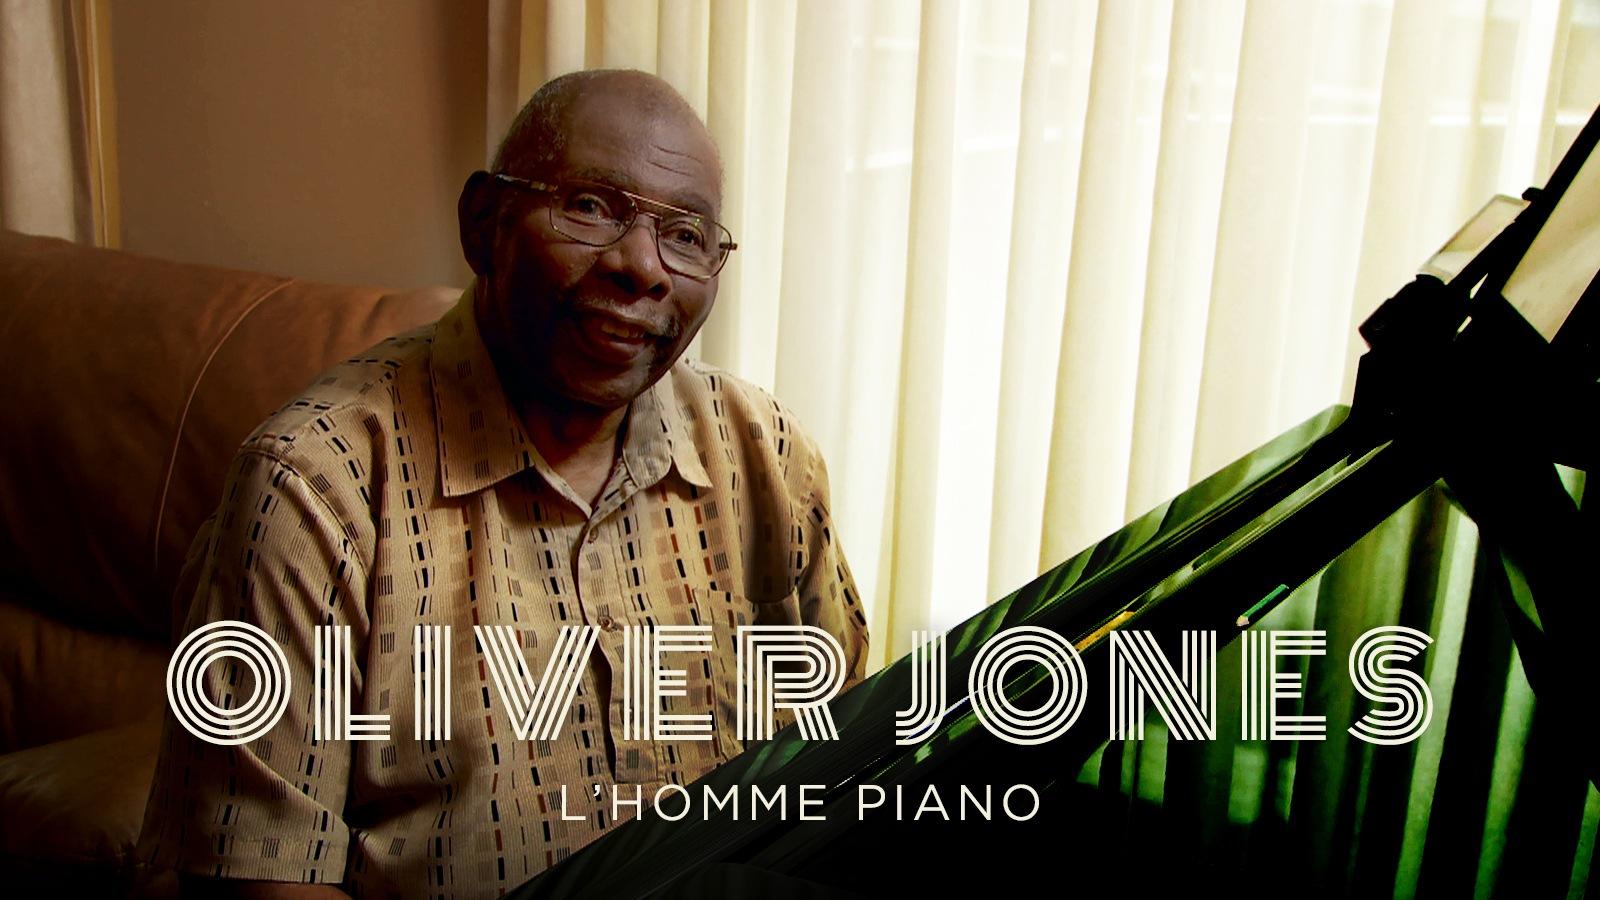 Il maîtrise tous les styles musicaux, mais le géant du piano Oliver Jones s'est véritablement épanoui en interprétant et en composant du jazz